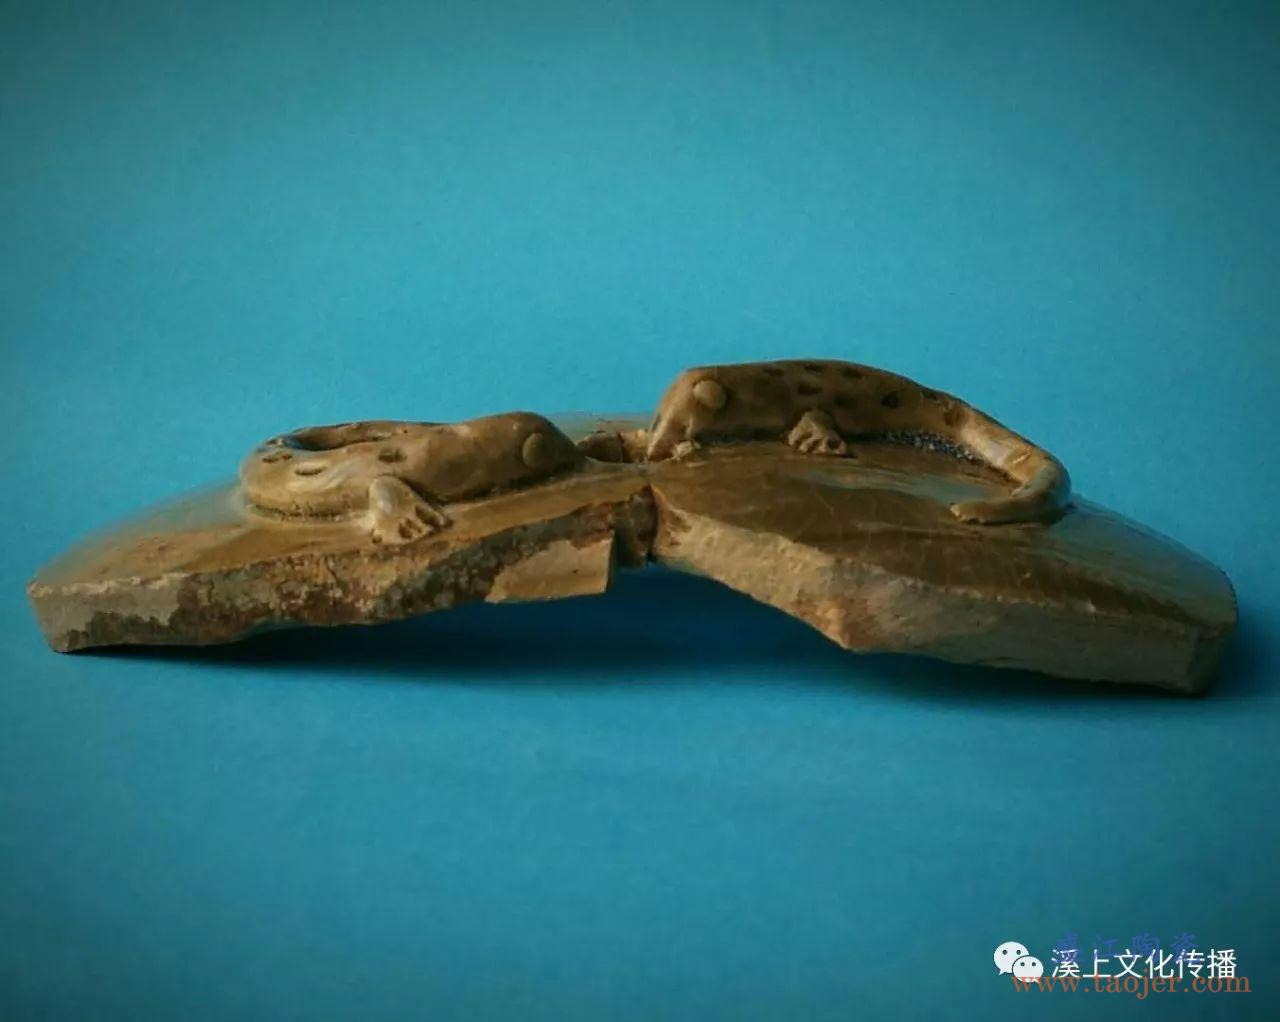 溪上原创丨沈建乔:从越窑青瓷上的弹涂鱼说起